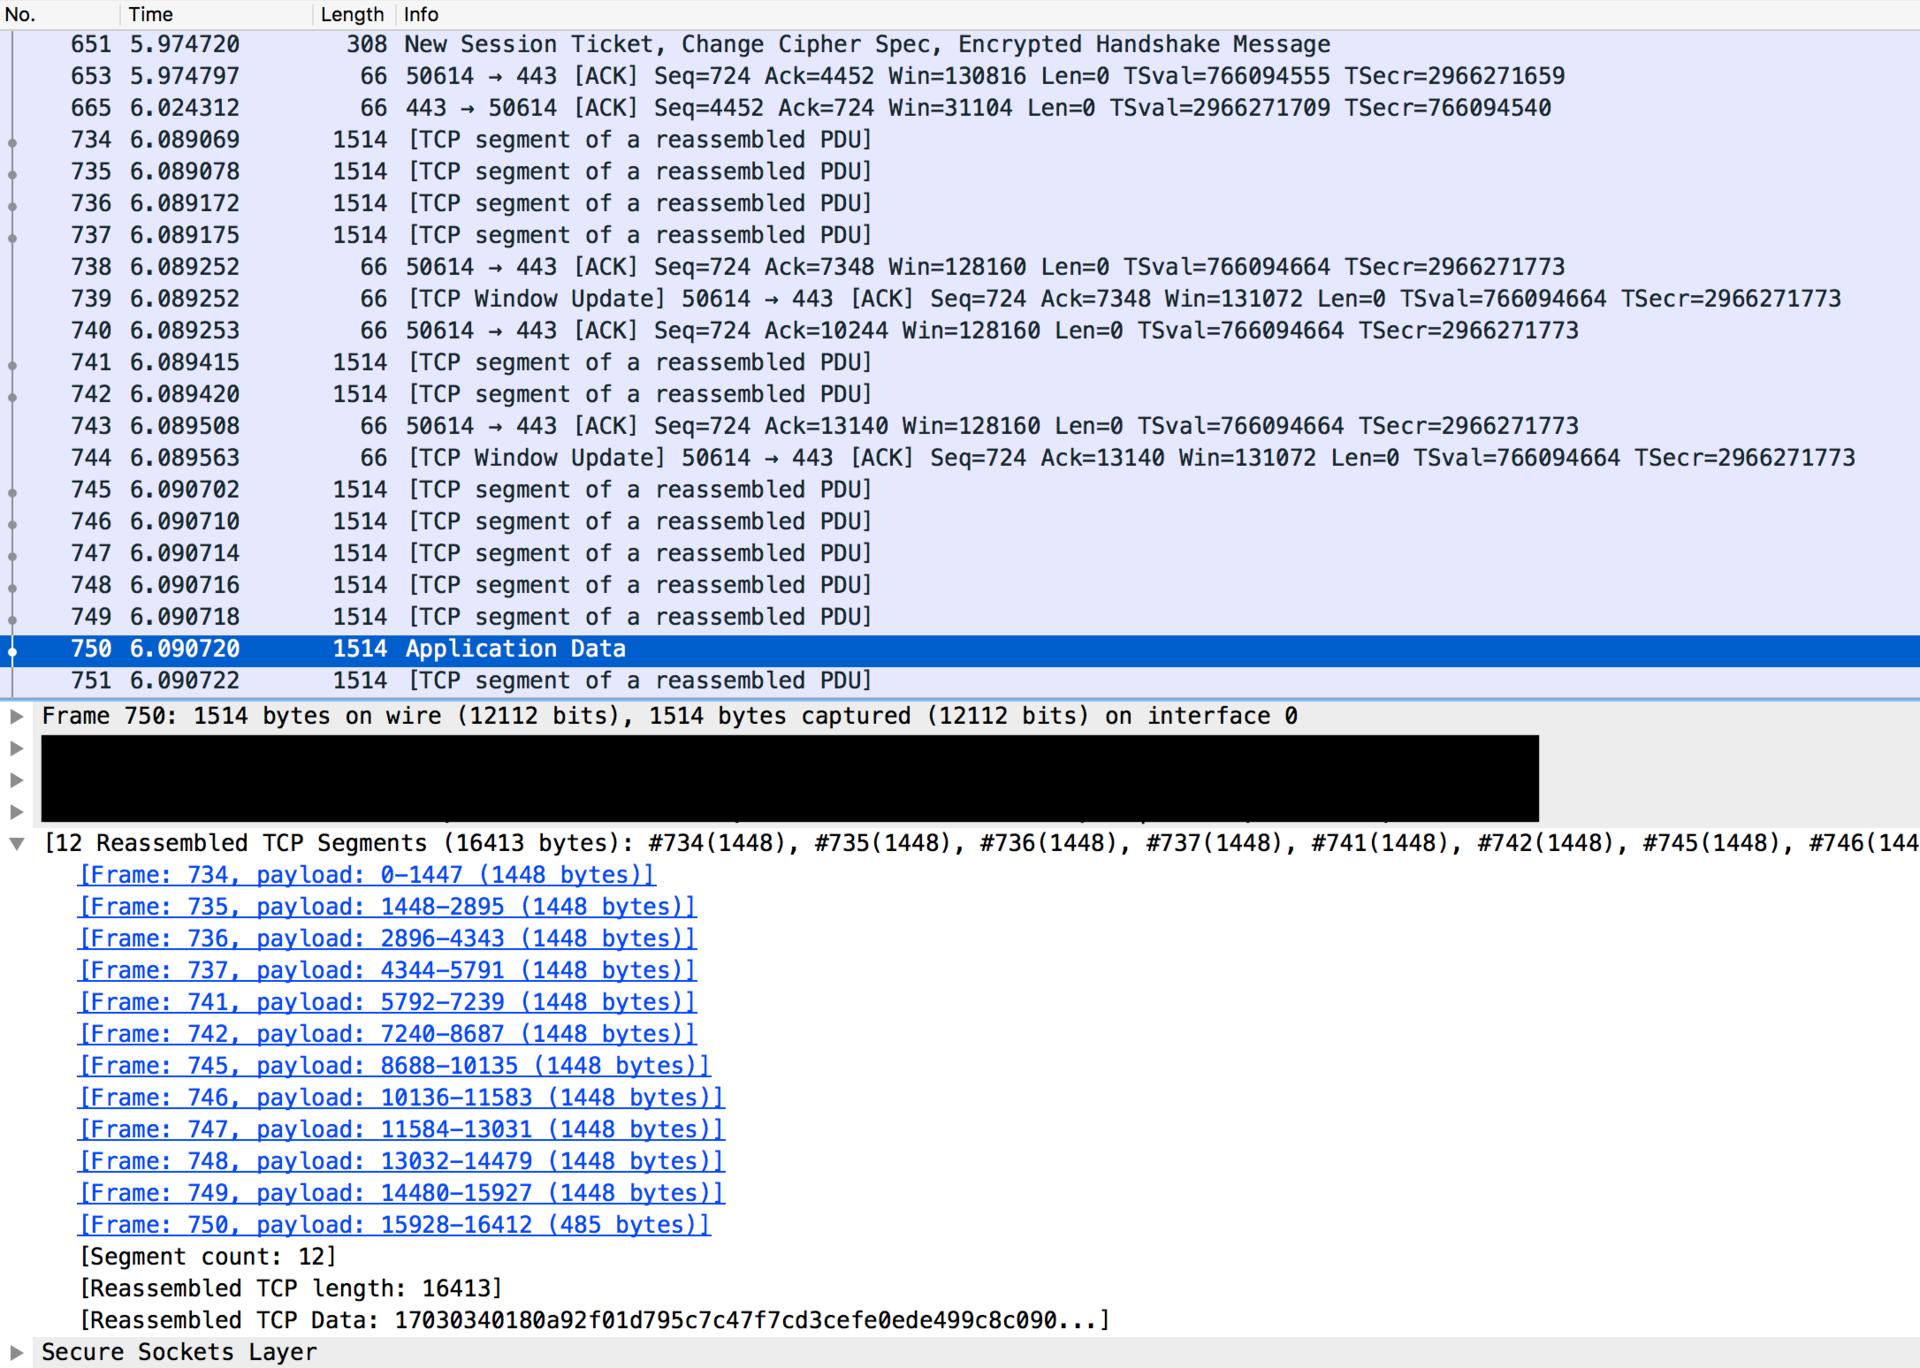 Прикручиваем к Nginx патч для динамического размера TLS records от Cloudflare - 1